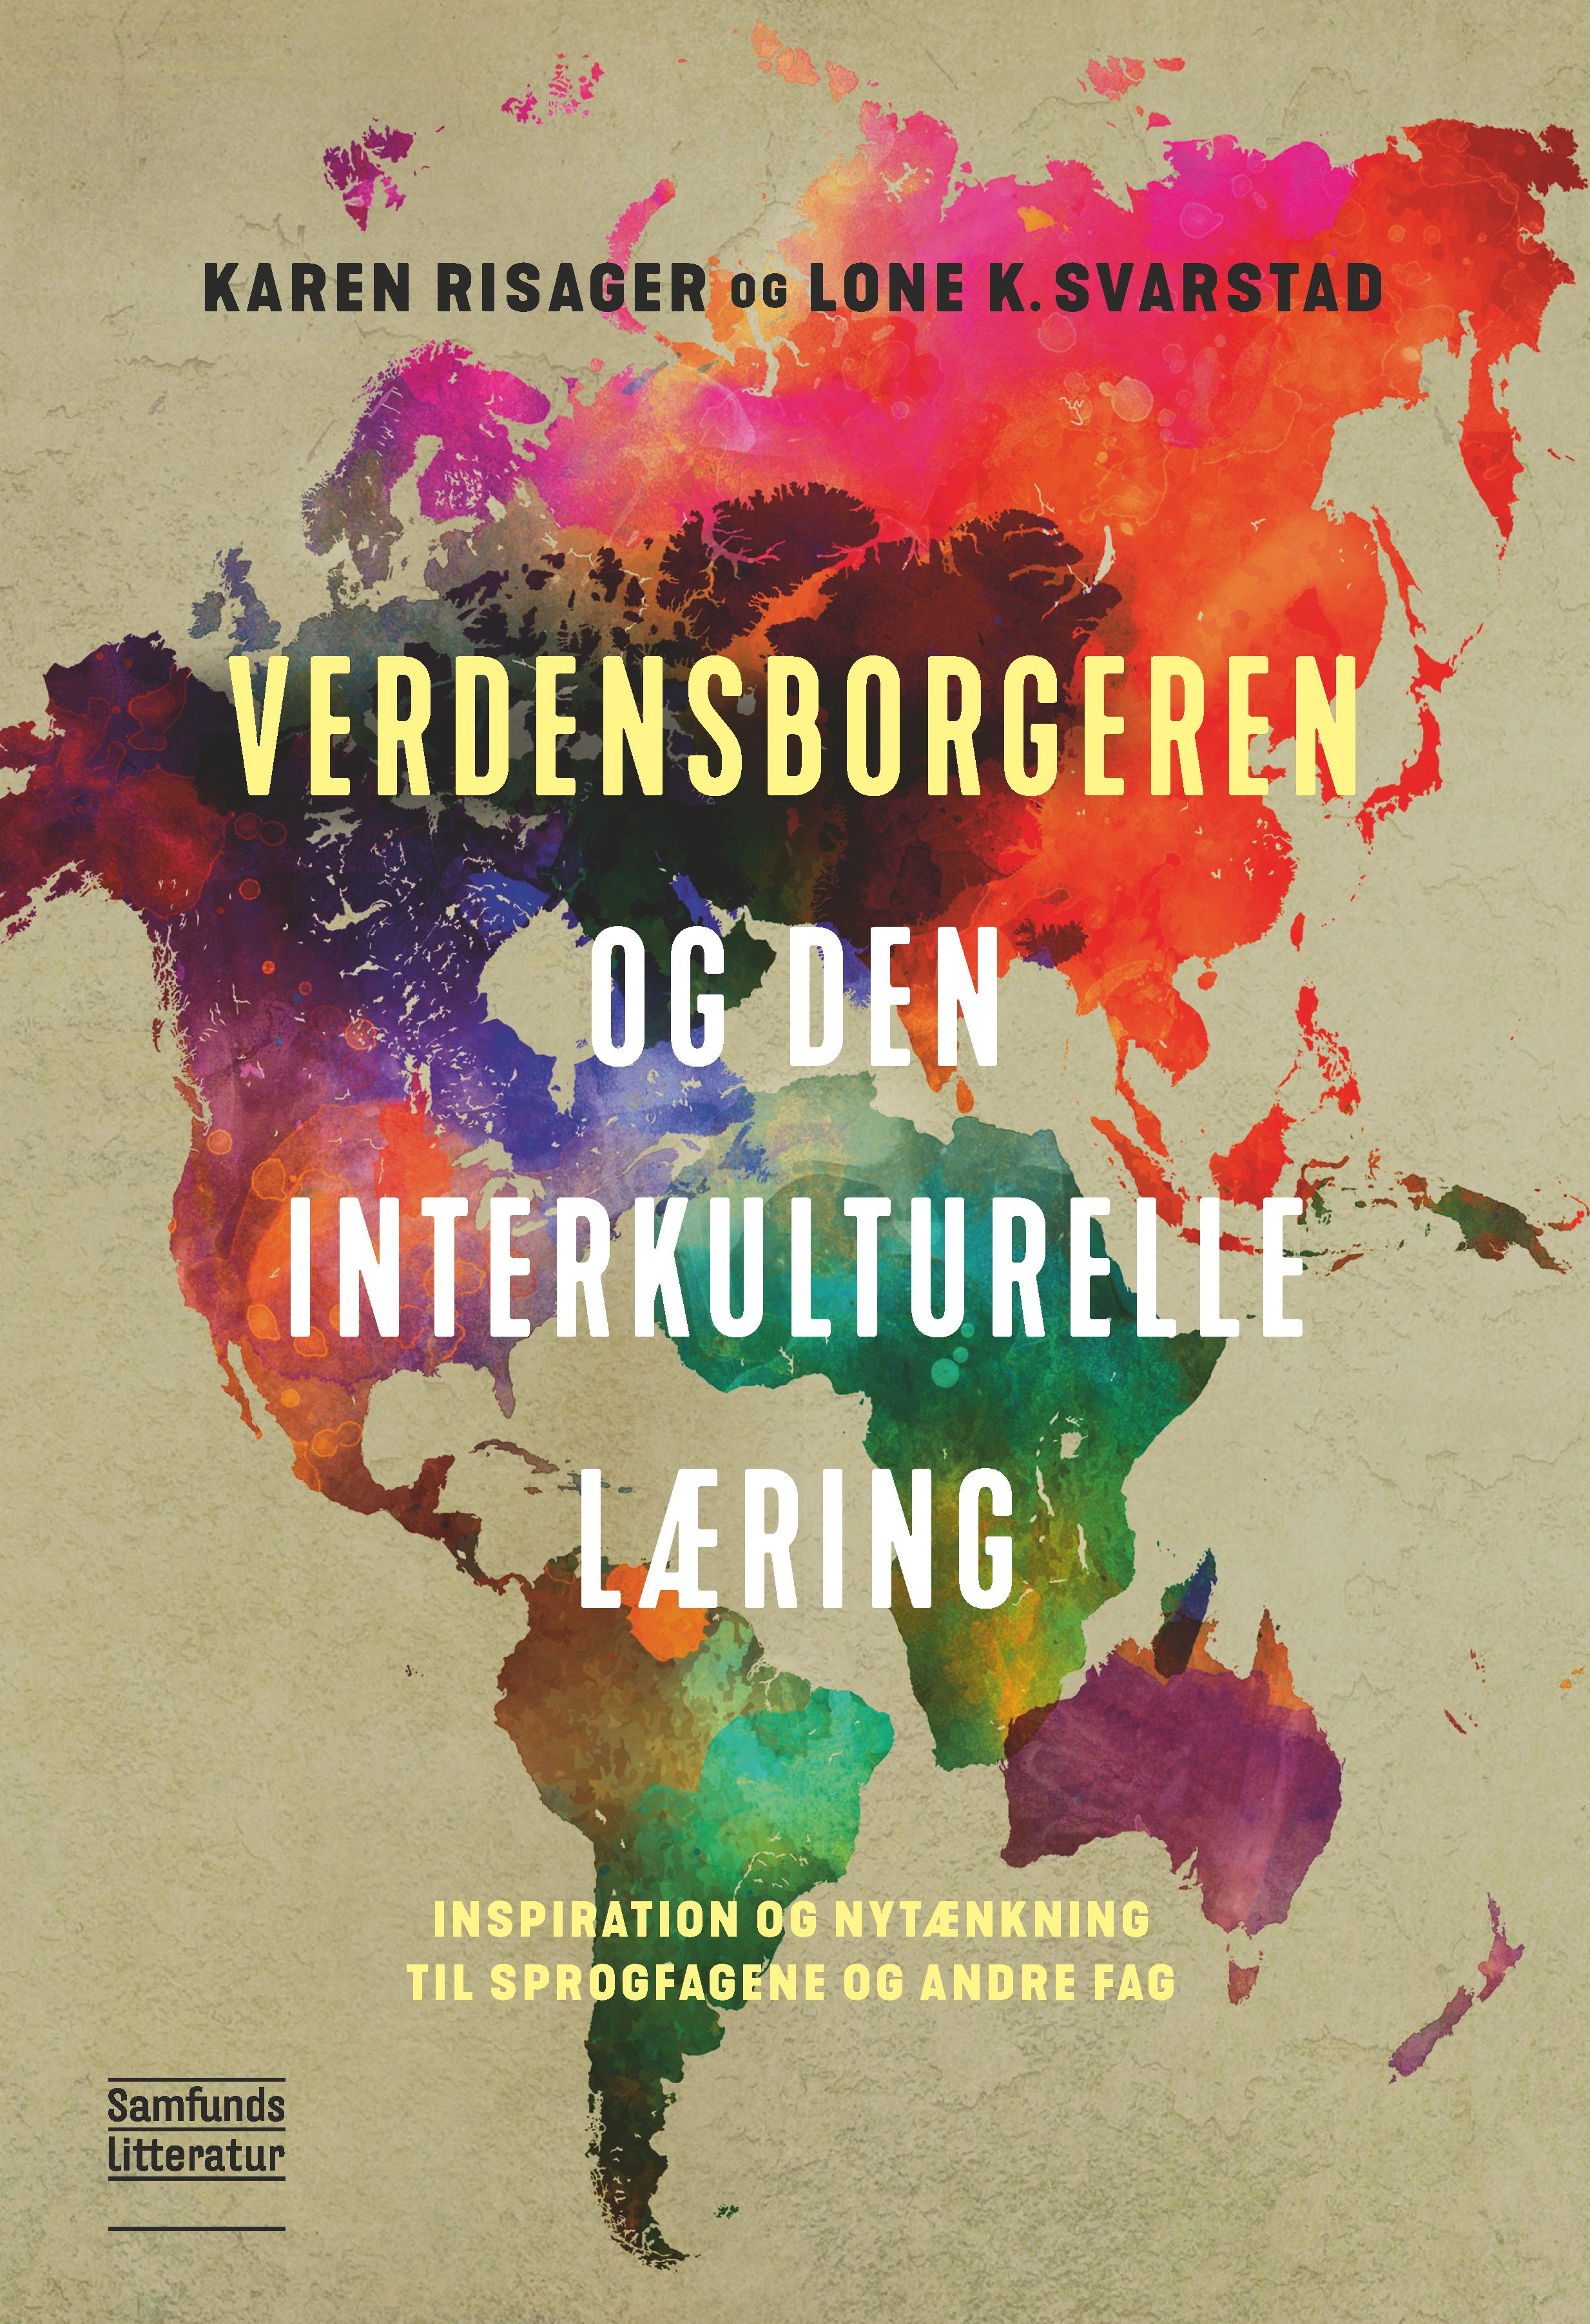 Verdensborgeren og den interkulturelle læring